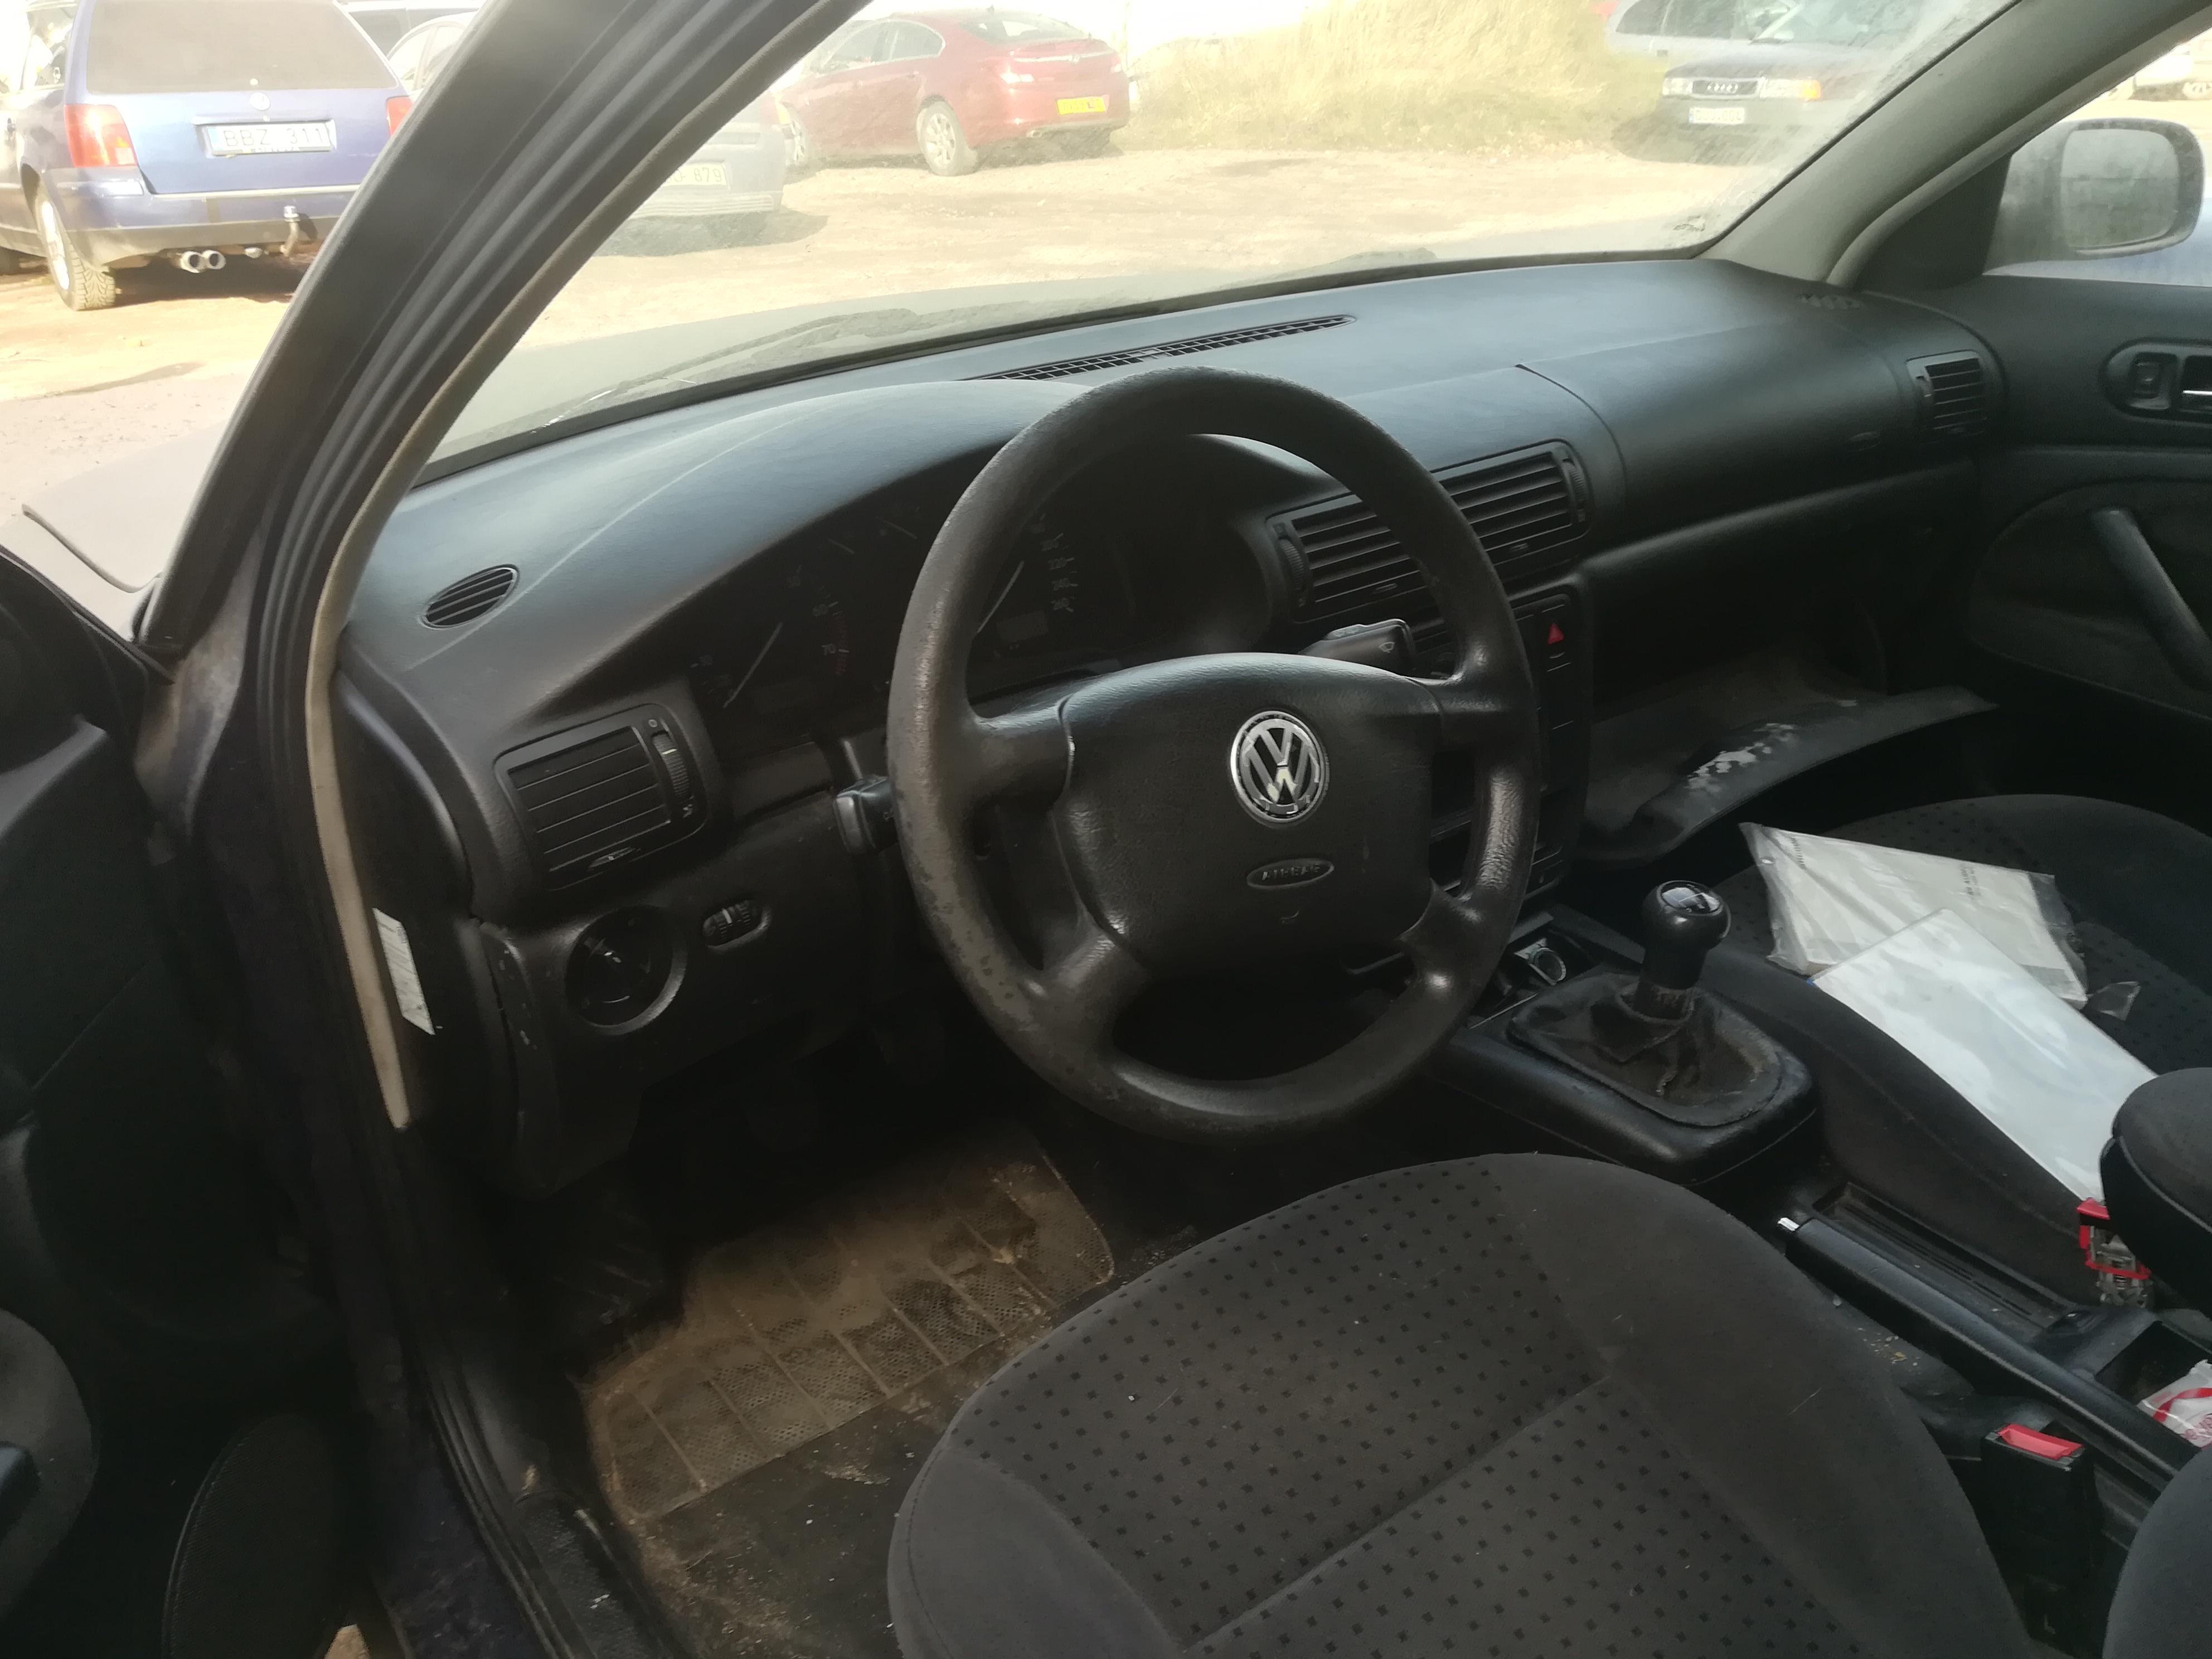 Подержанные Автозапчасти Volkswagen PASSAT 1997 1.8 машиностроение универсал 4/5 d. синий 2019-10-24